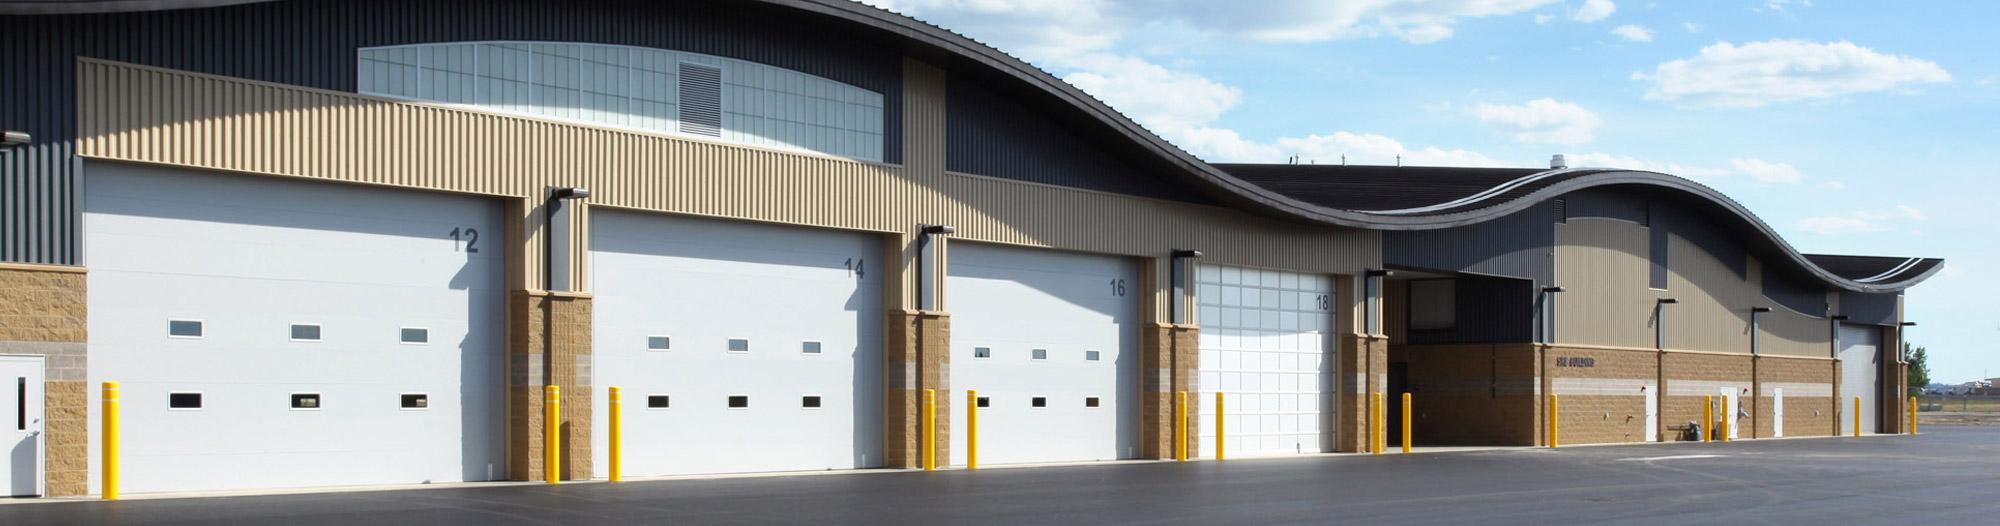 commercial garage doors provider